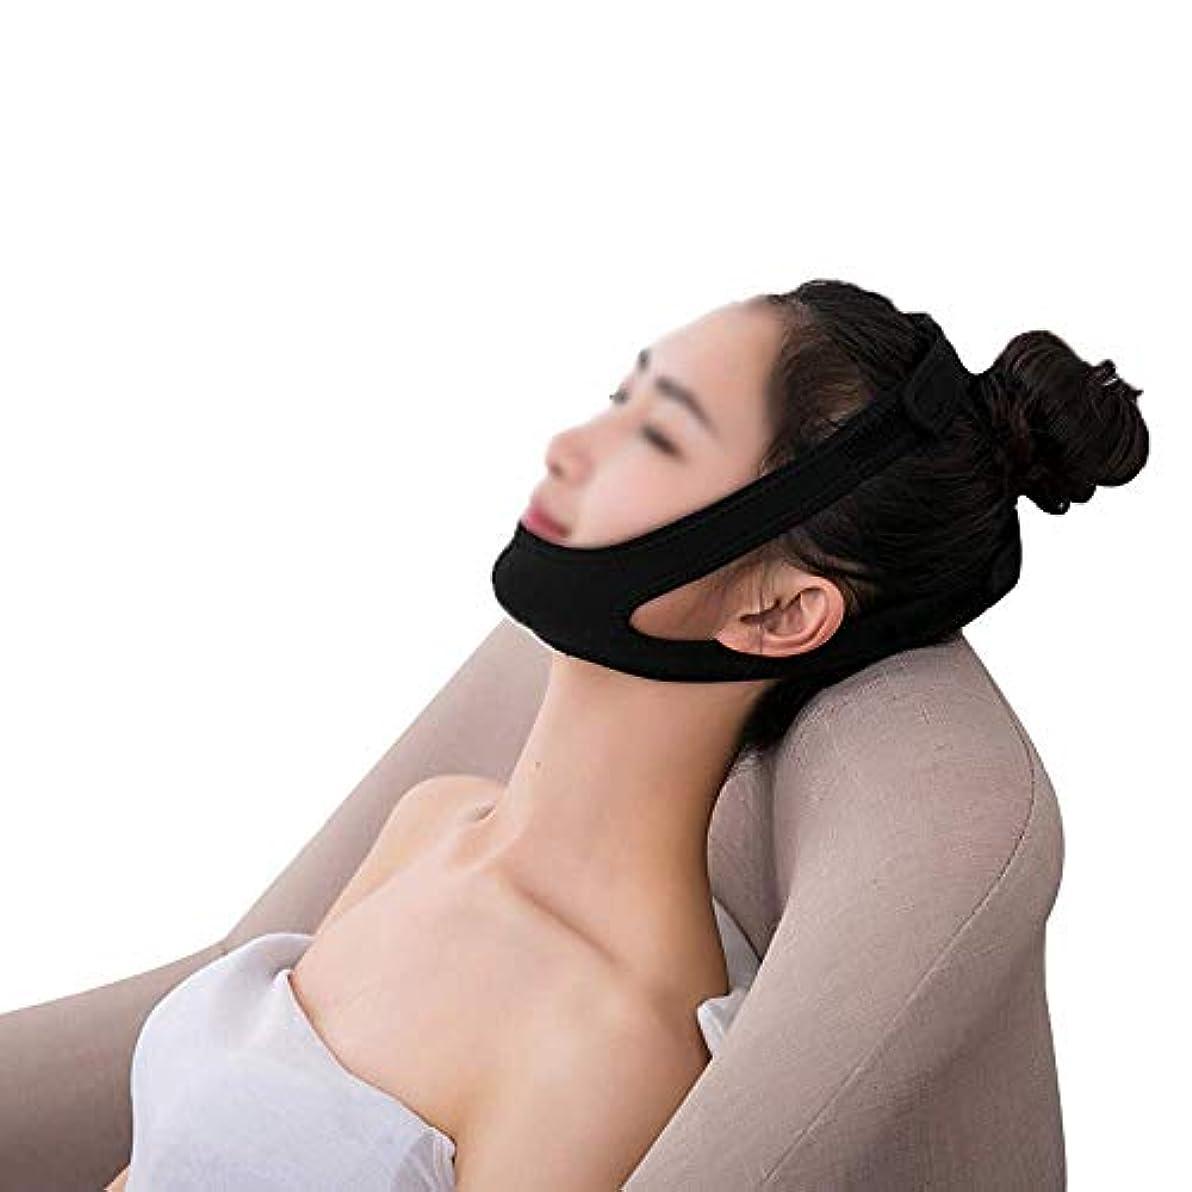 ファーミングフェイスマスク、術後リフティングマスクホーム包帯揺れネットワーク赤女性vフェイスステッカーストラップ楽器顔アーティファクト